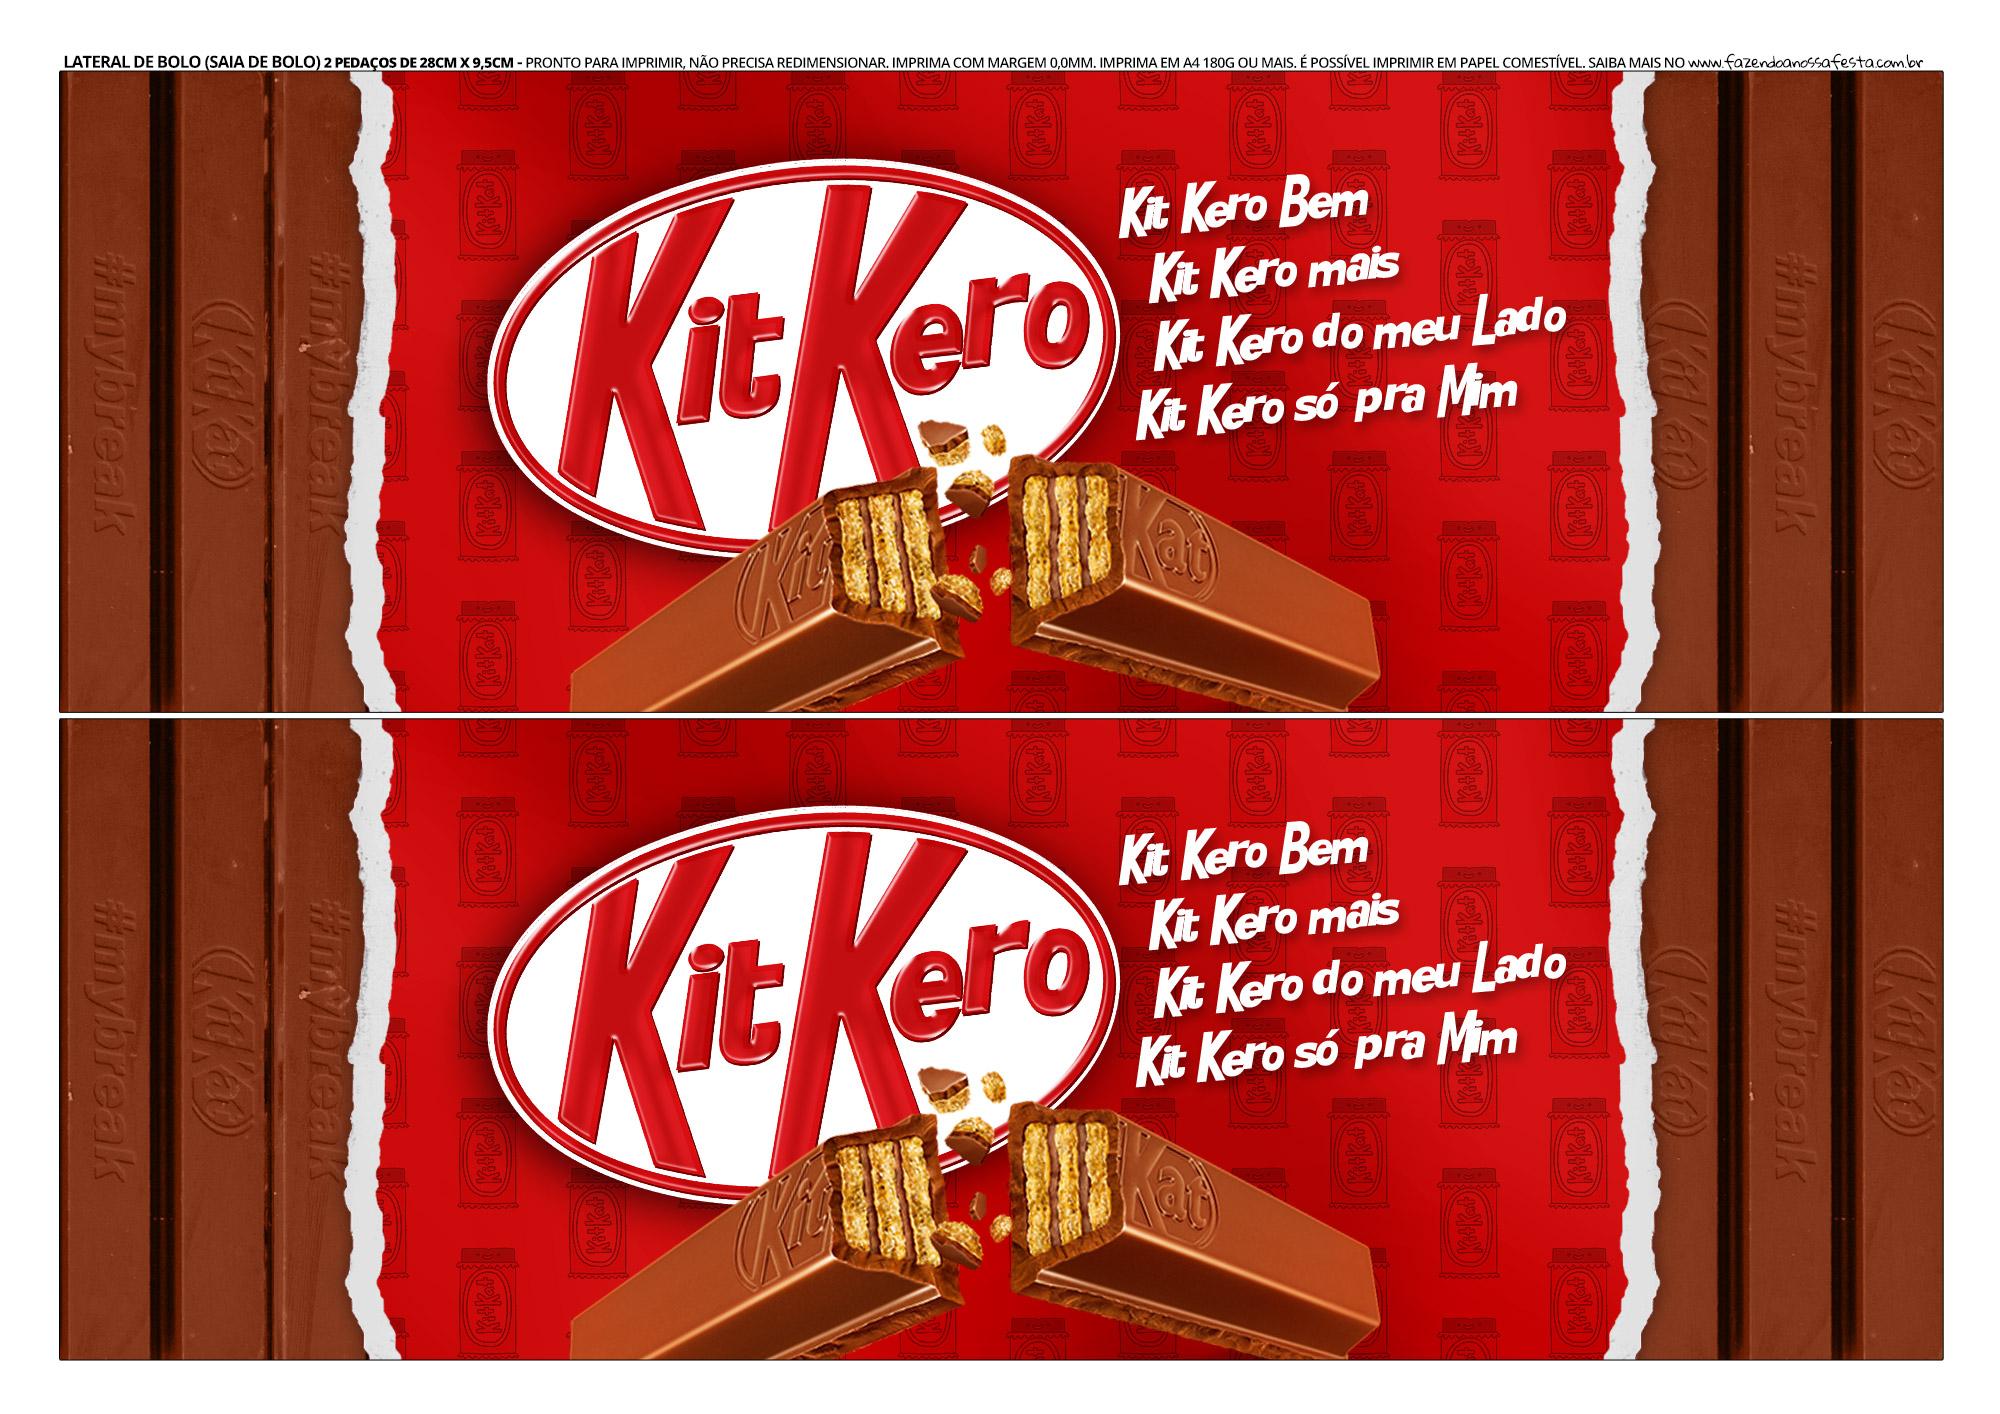 Faixa lateral para bolo Dia dos Namorados Kit Kat